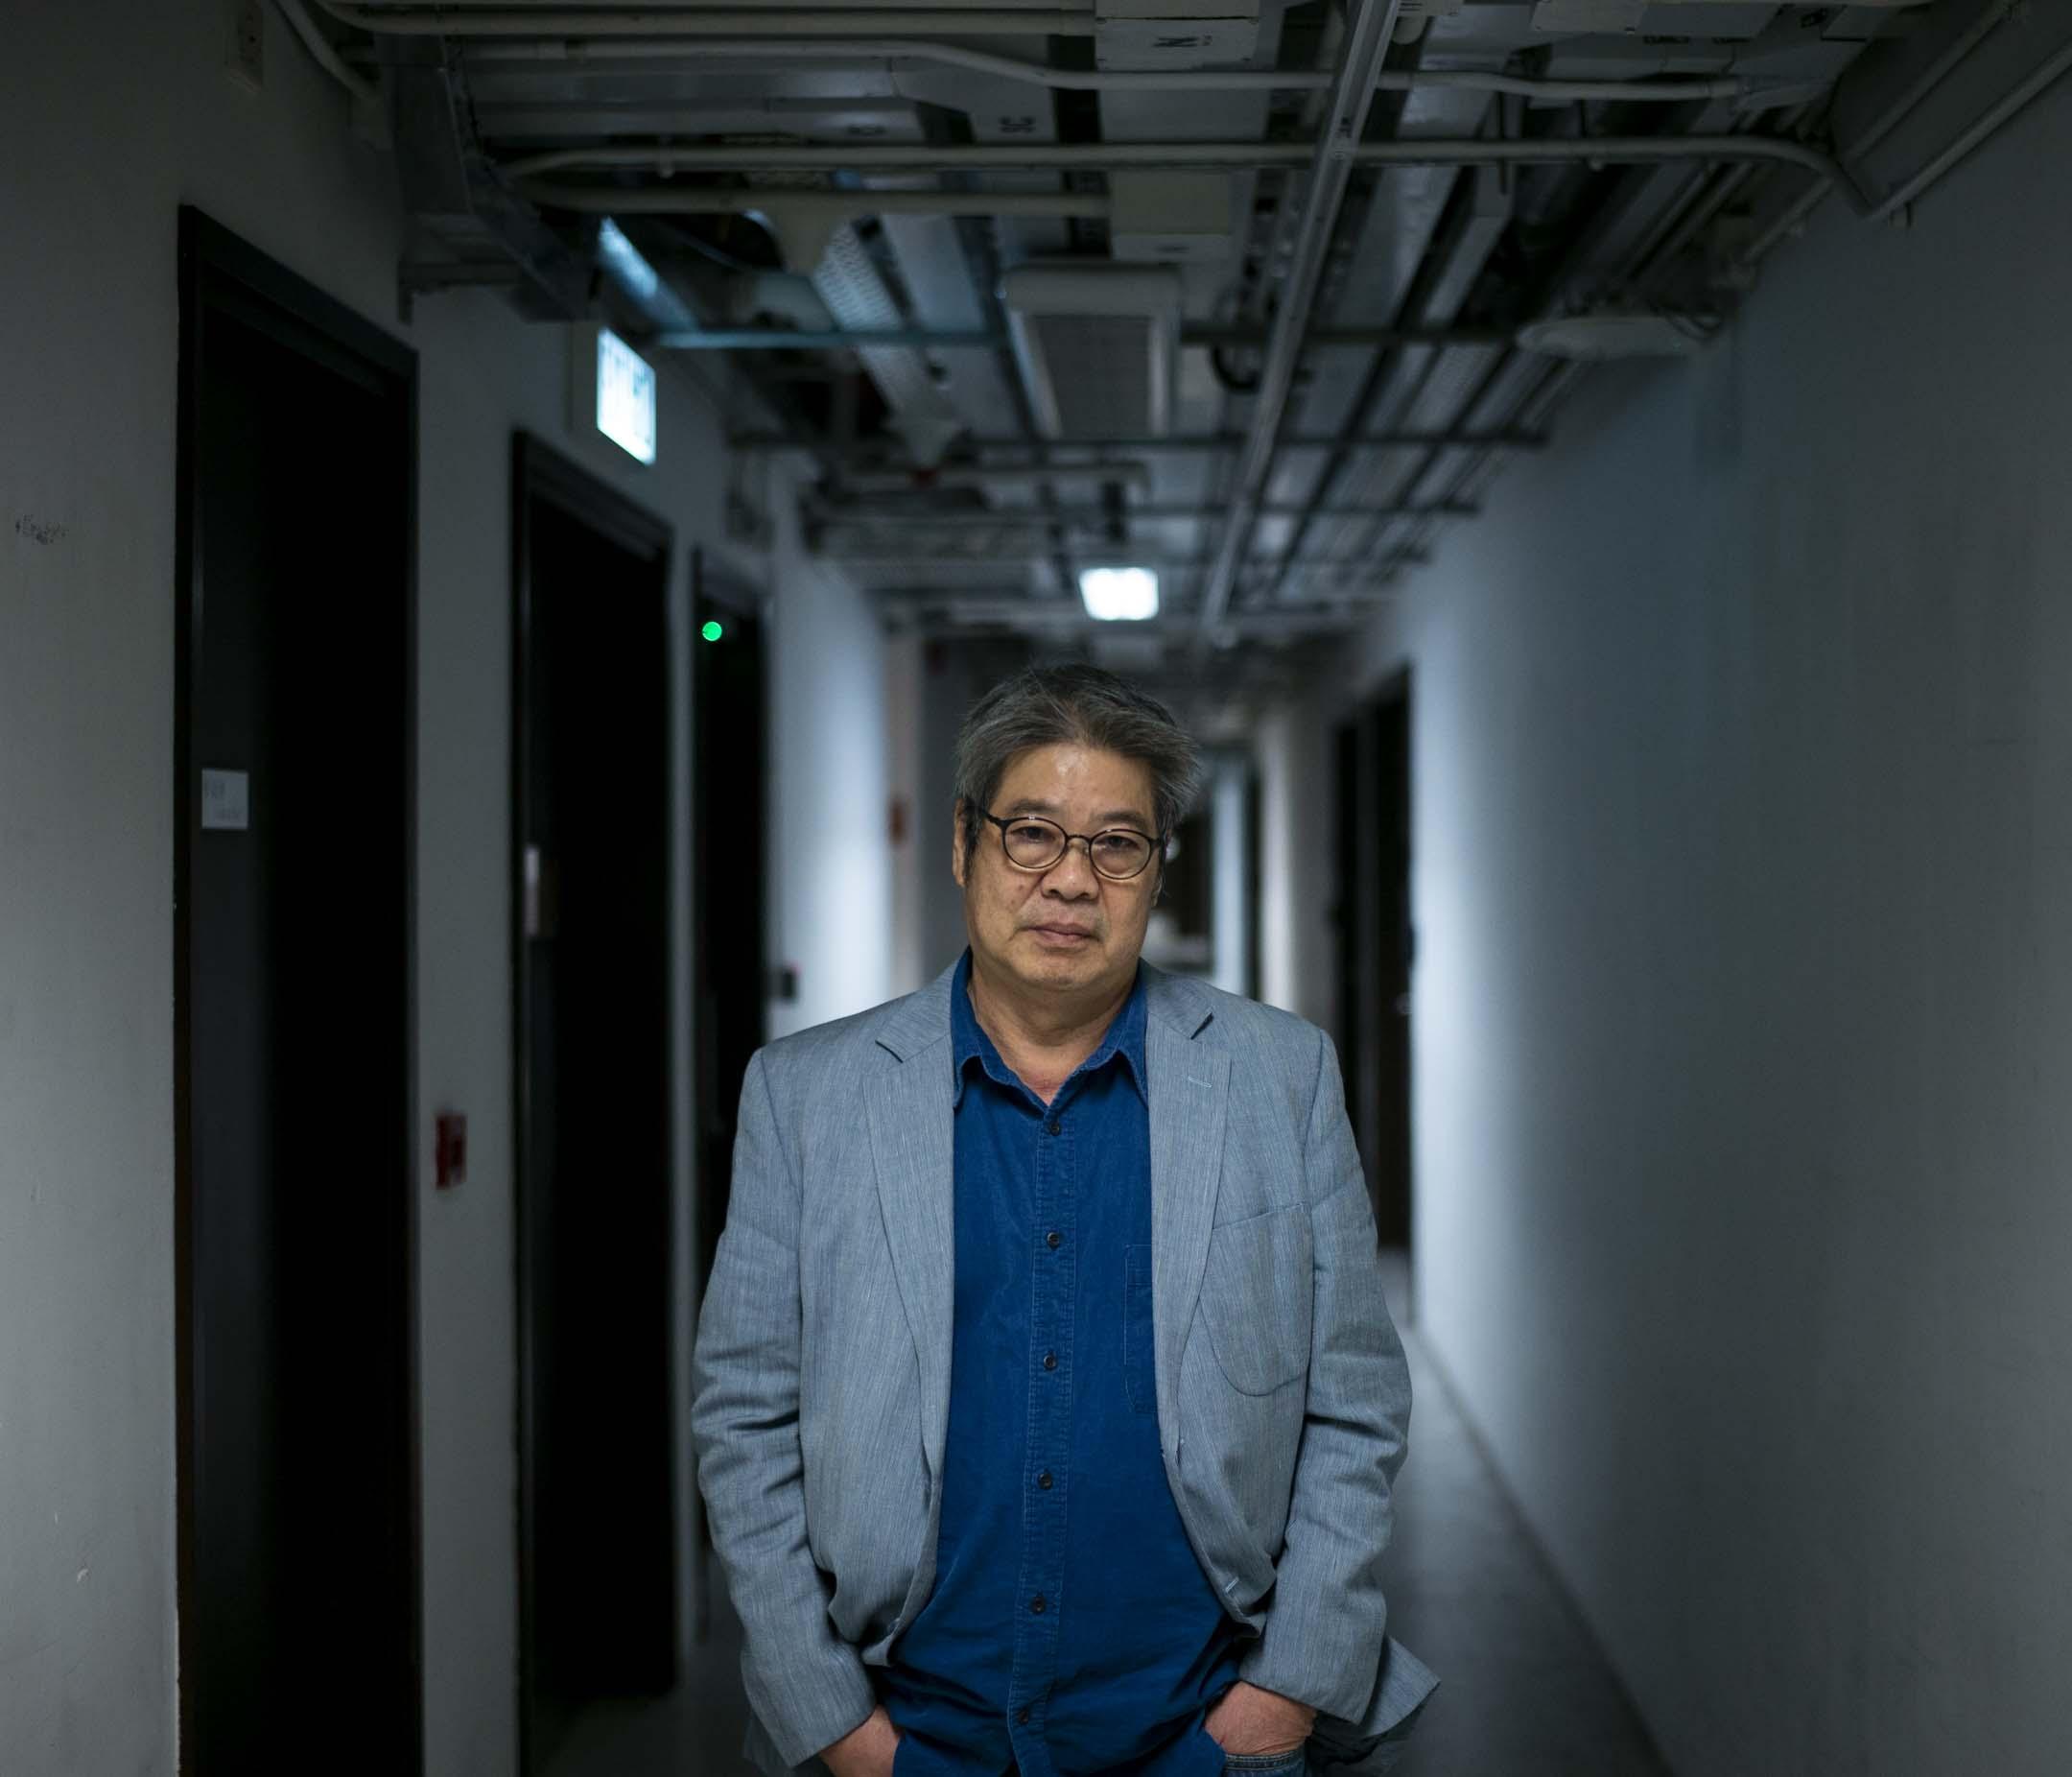 香港電台前助理廣播處長施永遠。 攝:林振東/端傳媒